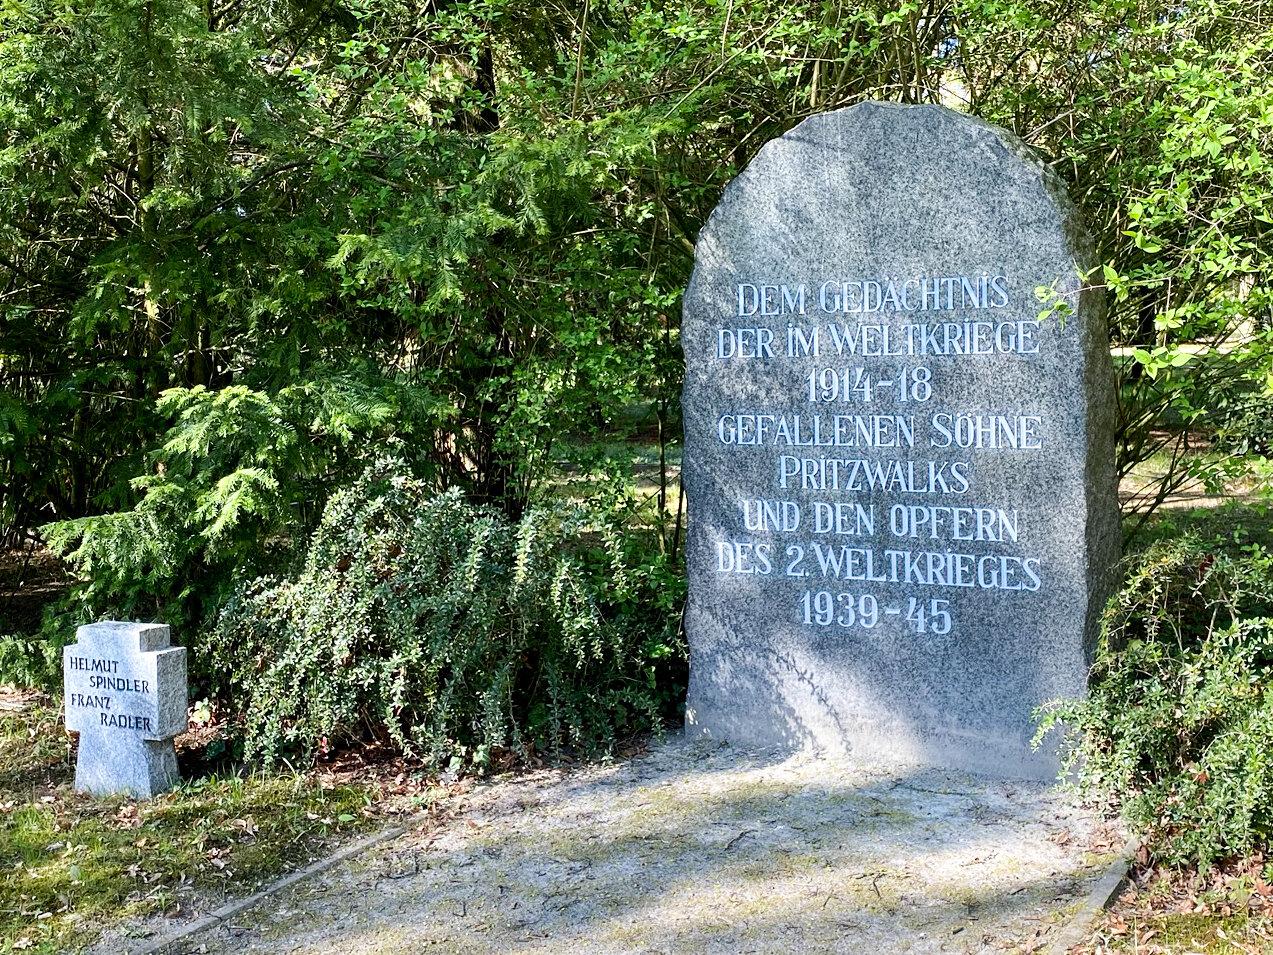 Ehrenfriedhof für die im Ersten und Zweiten Weltkrieg Gefallenen